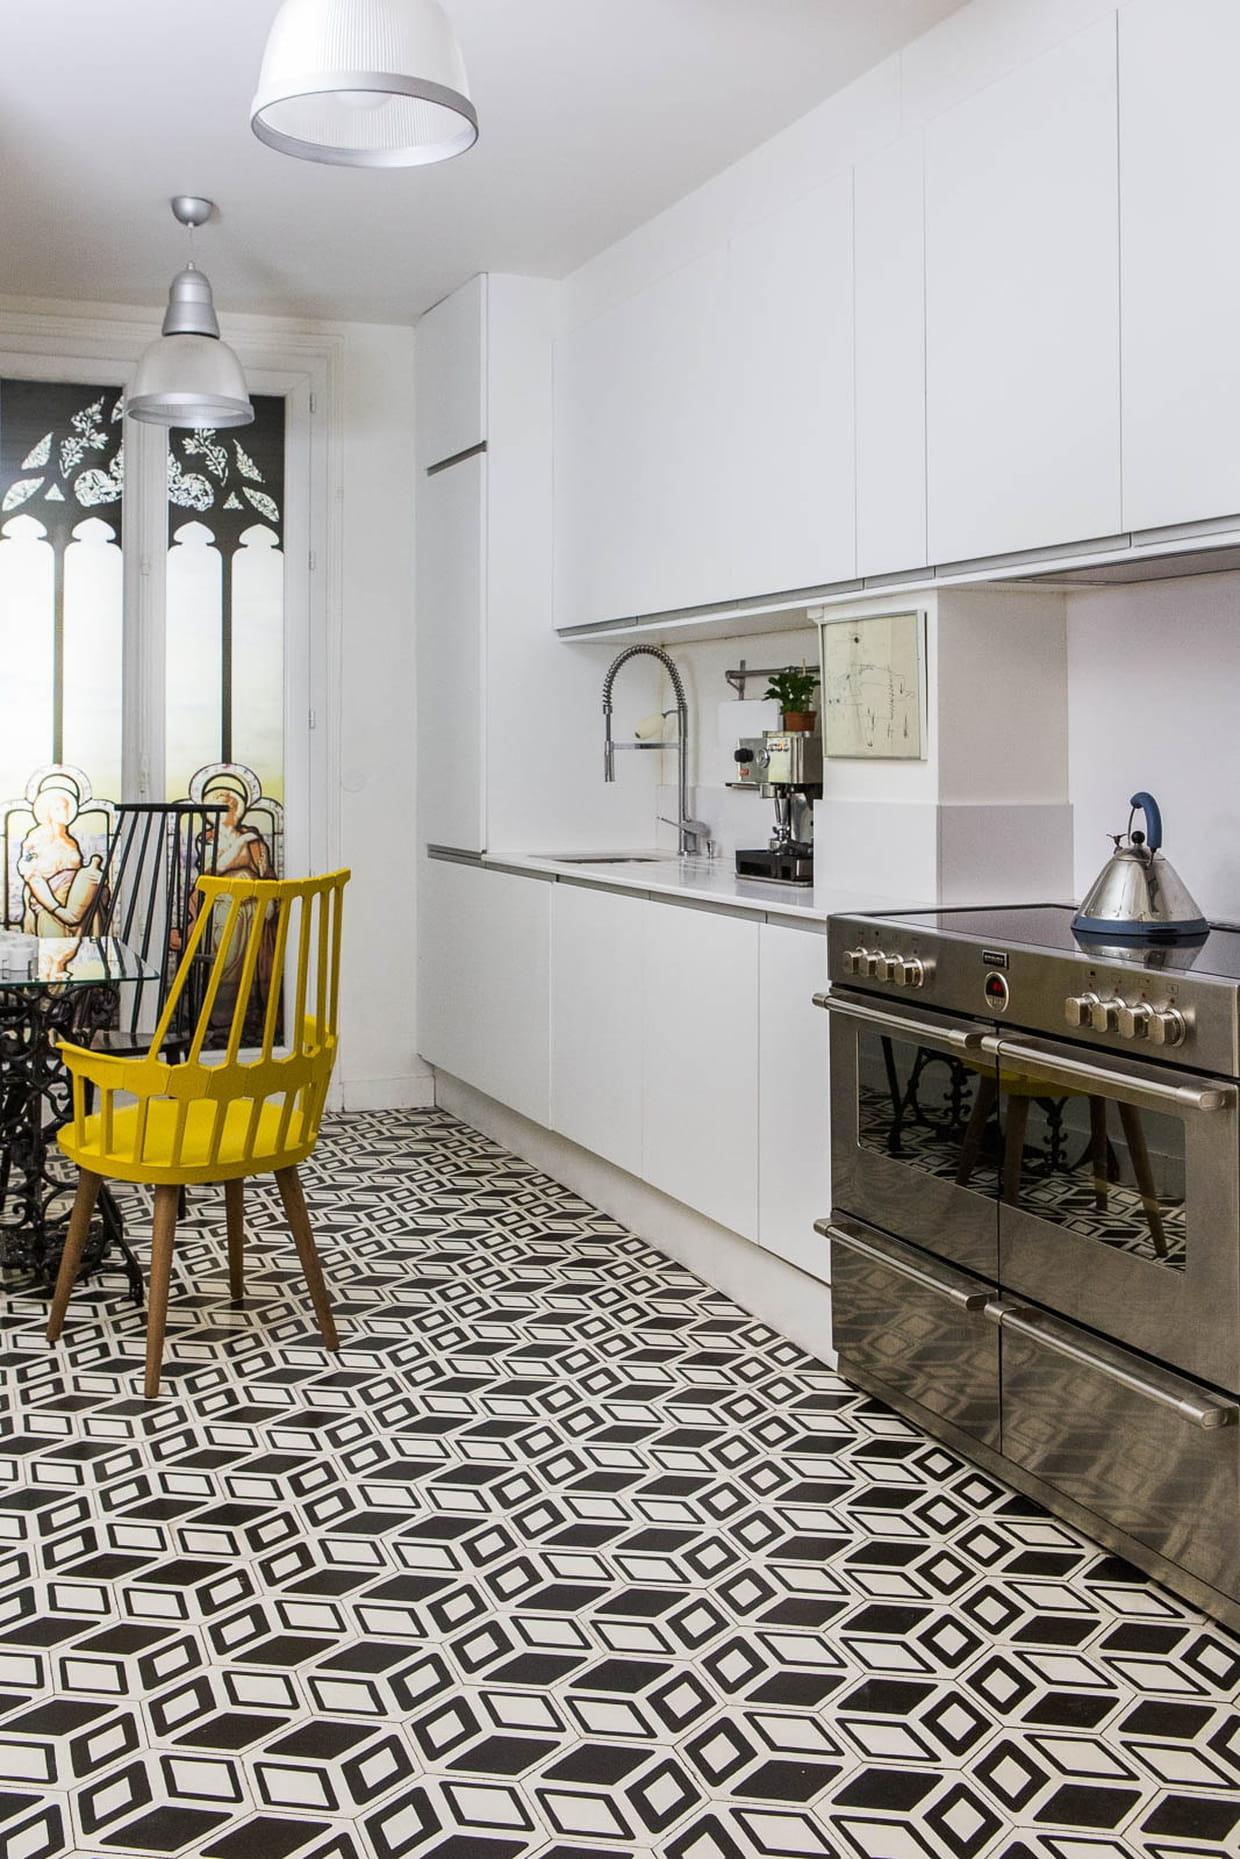 Bien-aimé Une cuisine avec carreaux de ciment BU71